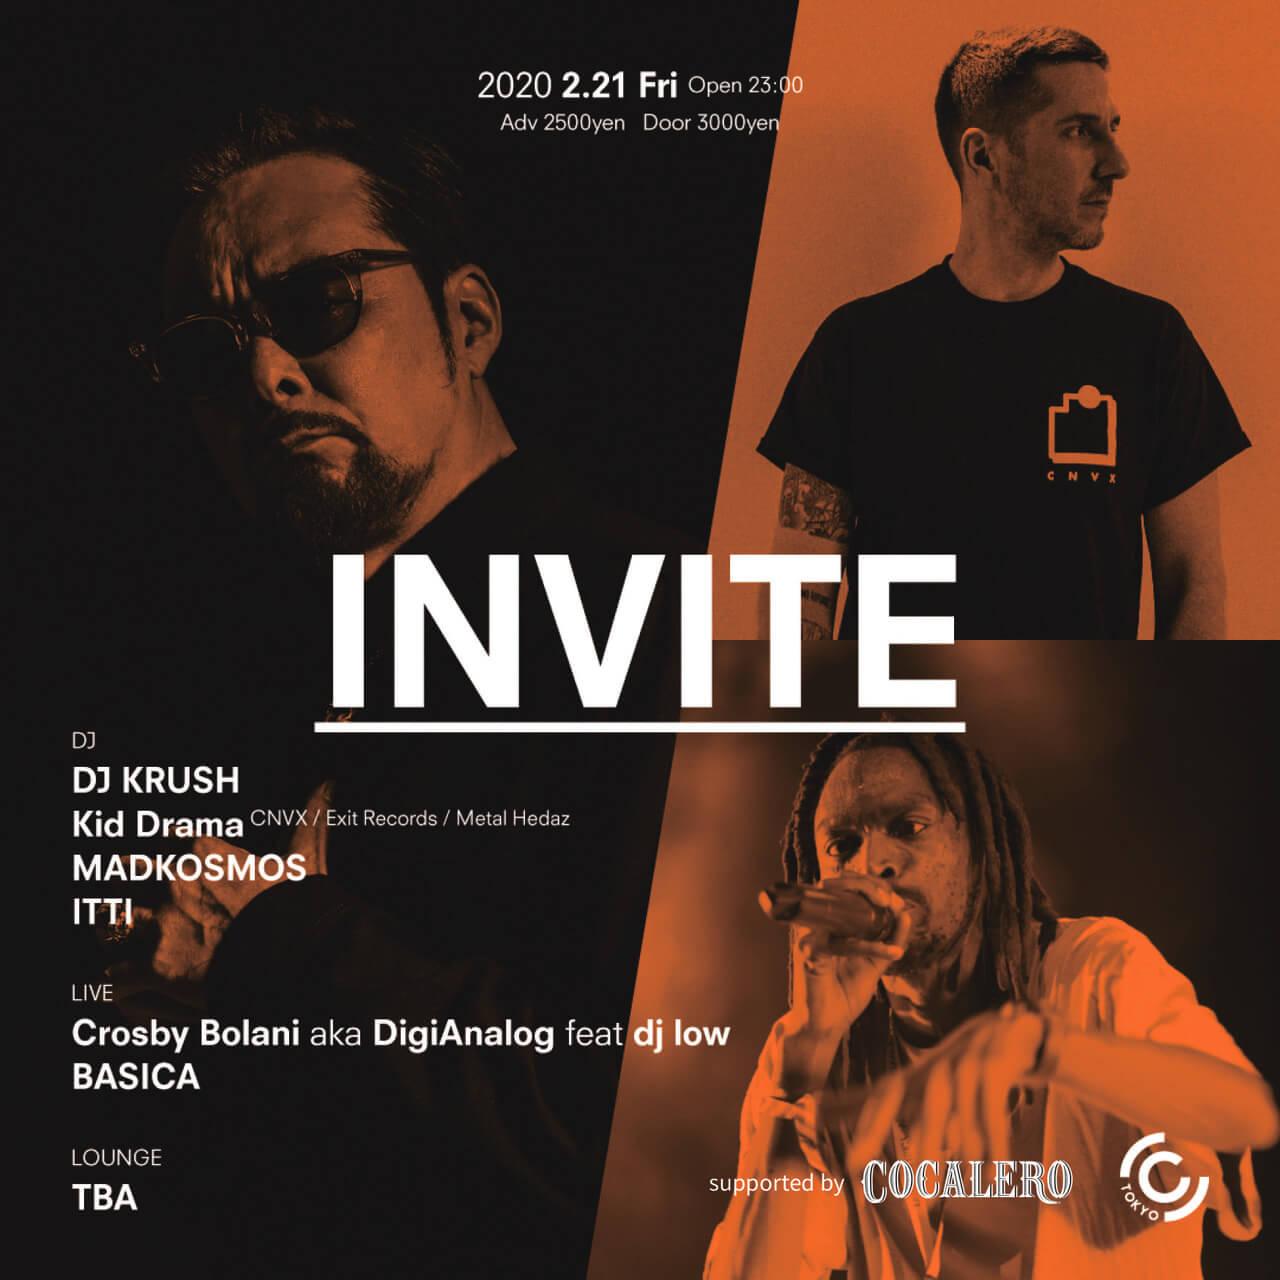 2月21日に開催される、DJ KRUSHらが出演するイベント<INVITE>にもBASICAとMadkosmosの出演が決定